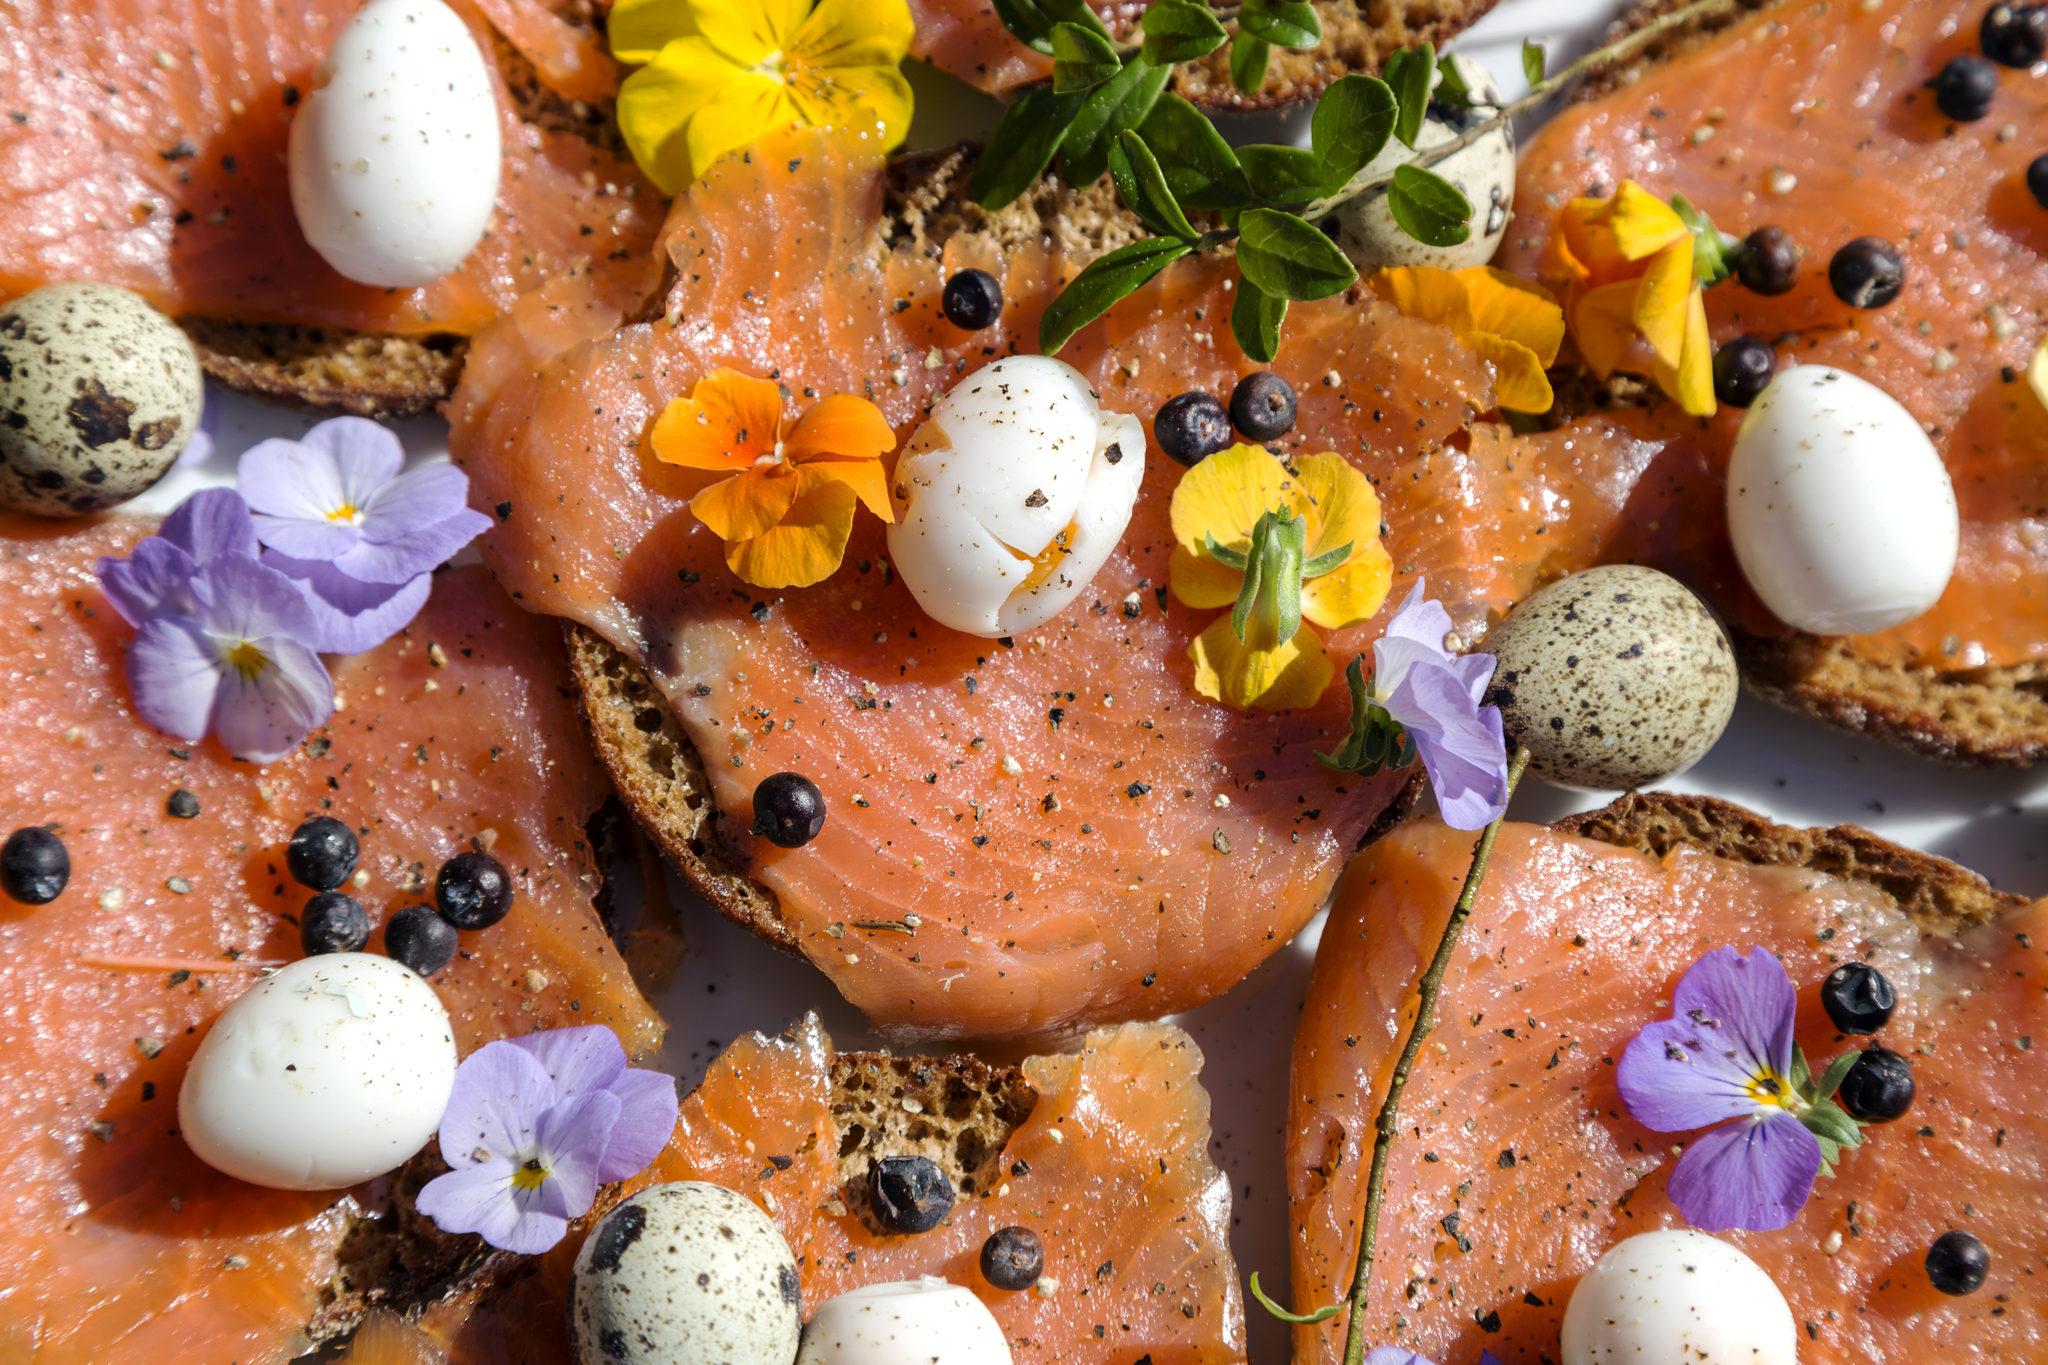 Lunch buffet mon-sun